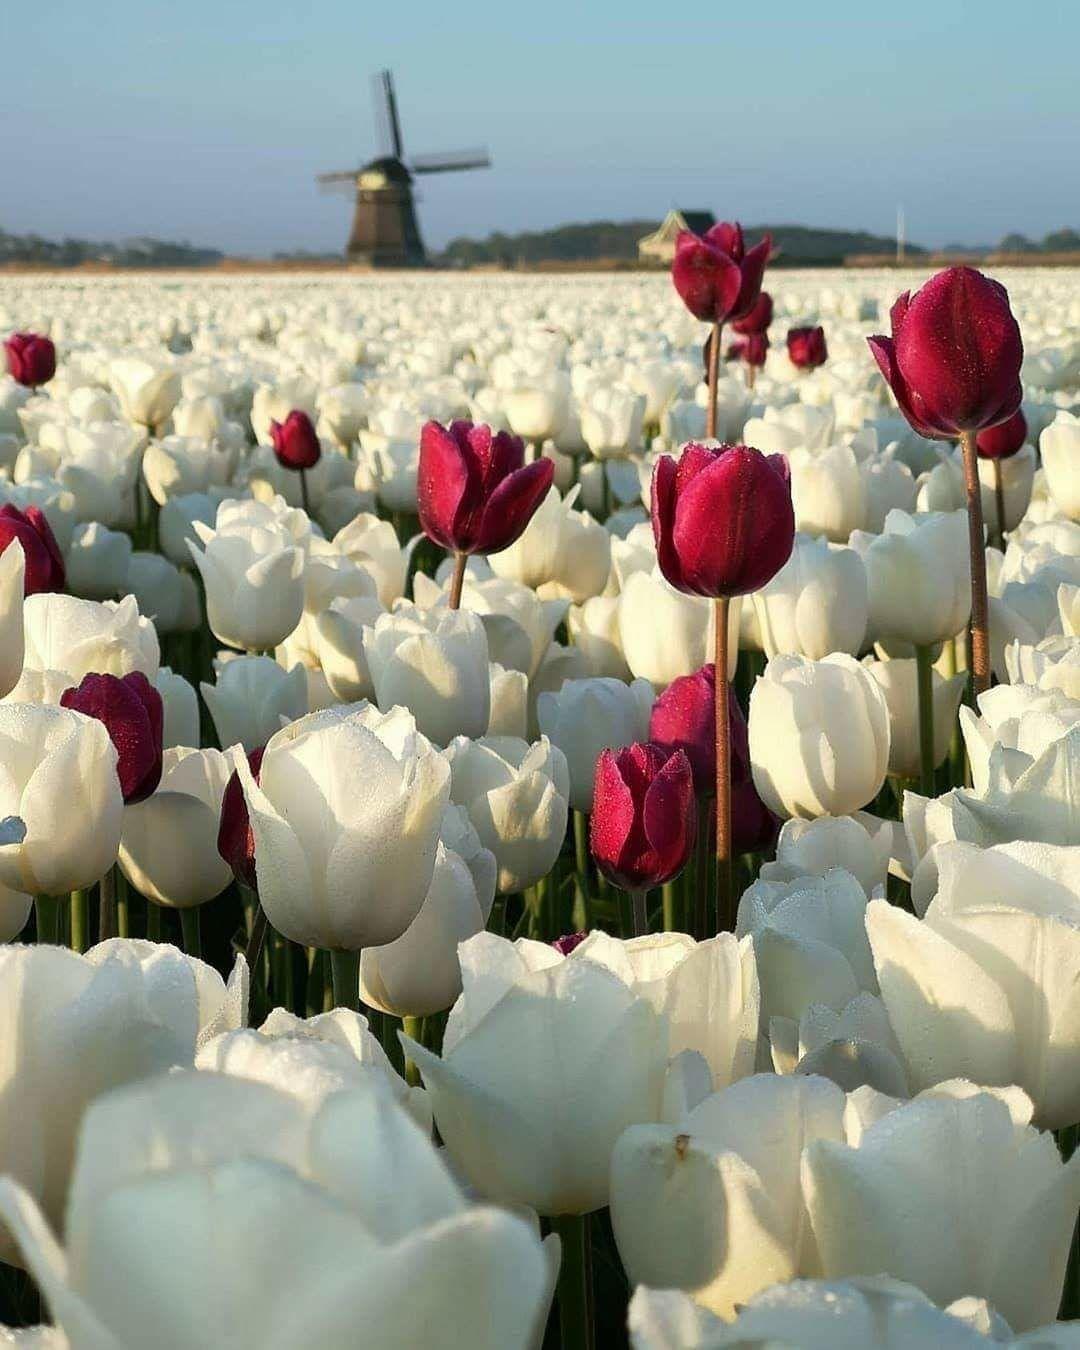 Самые лучшие картинки на телефон тюльпаны (26)